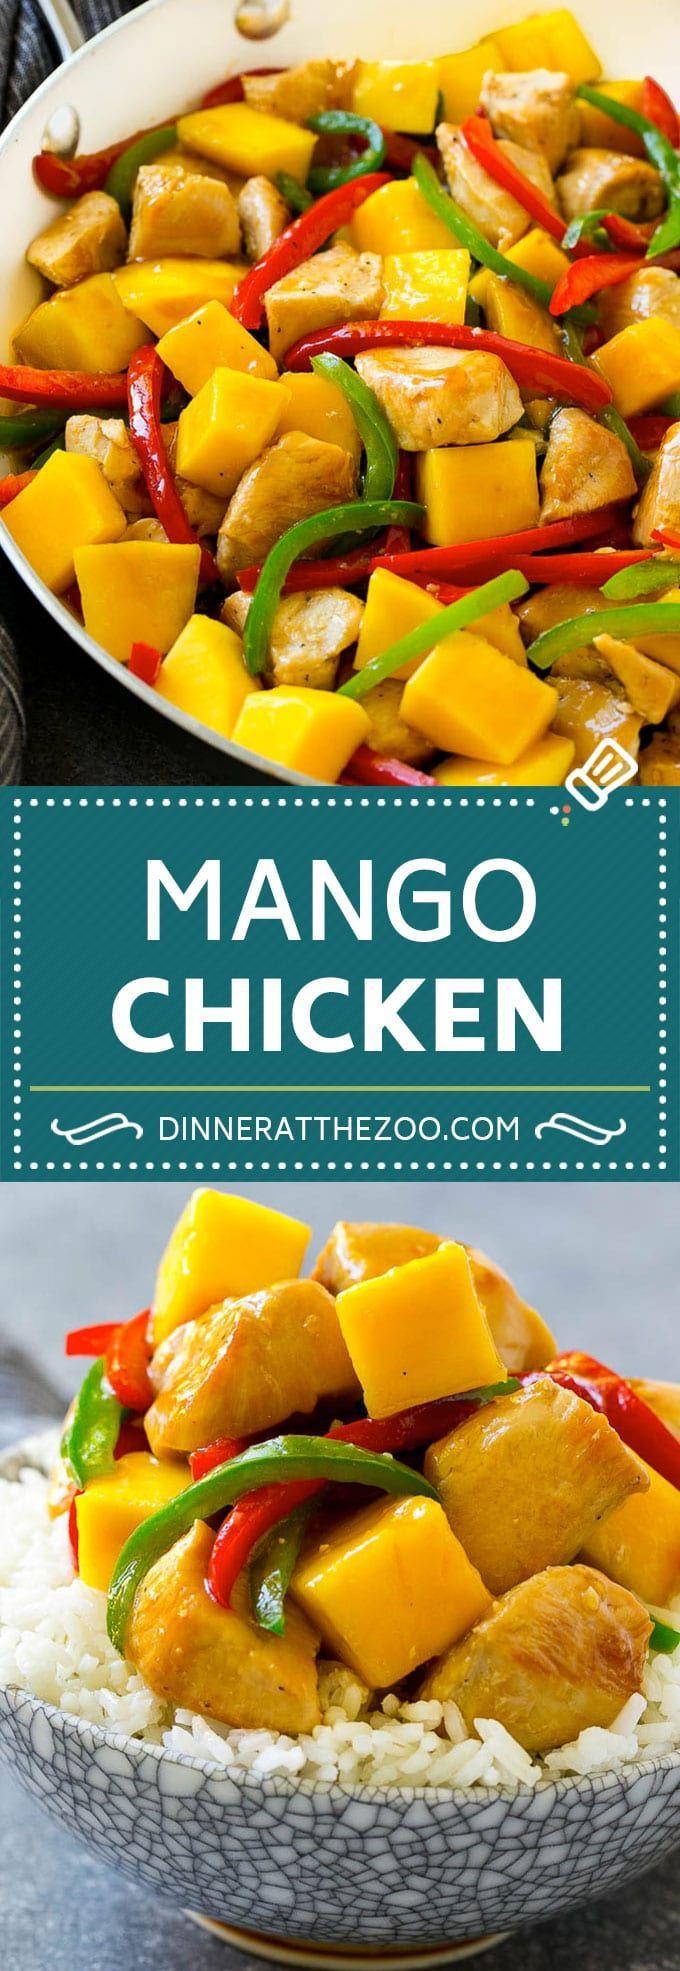 Mango Chicken Recipe | Chicken with Mango | Chicken Stir Fry  Mango Chicken Recipe | Chicken with Mango | Chicken Stir Fry  The post Mango Chicken Recipe | Chicken with Mango | Chicken Stir Fry appeared first on Himbeeren Rezepte.